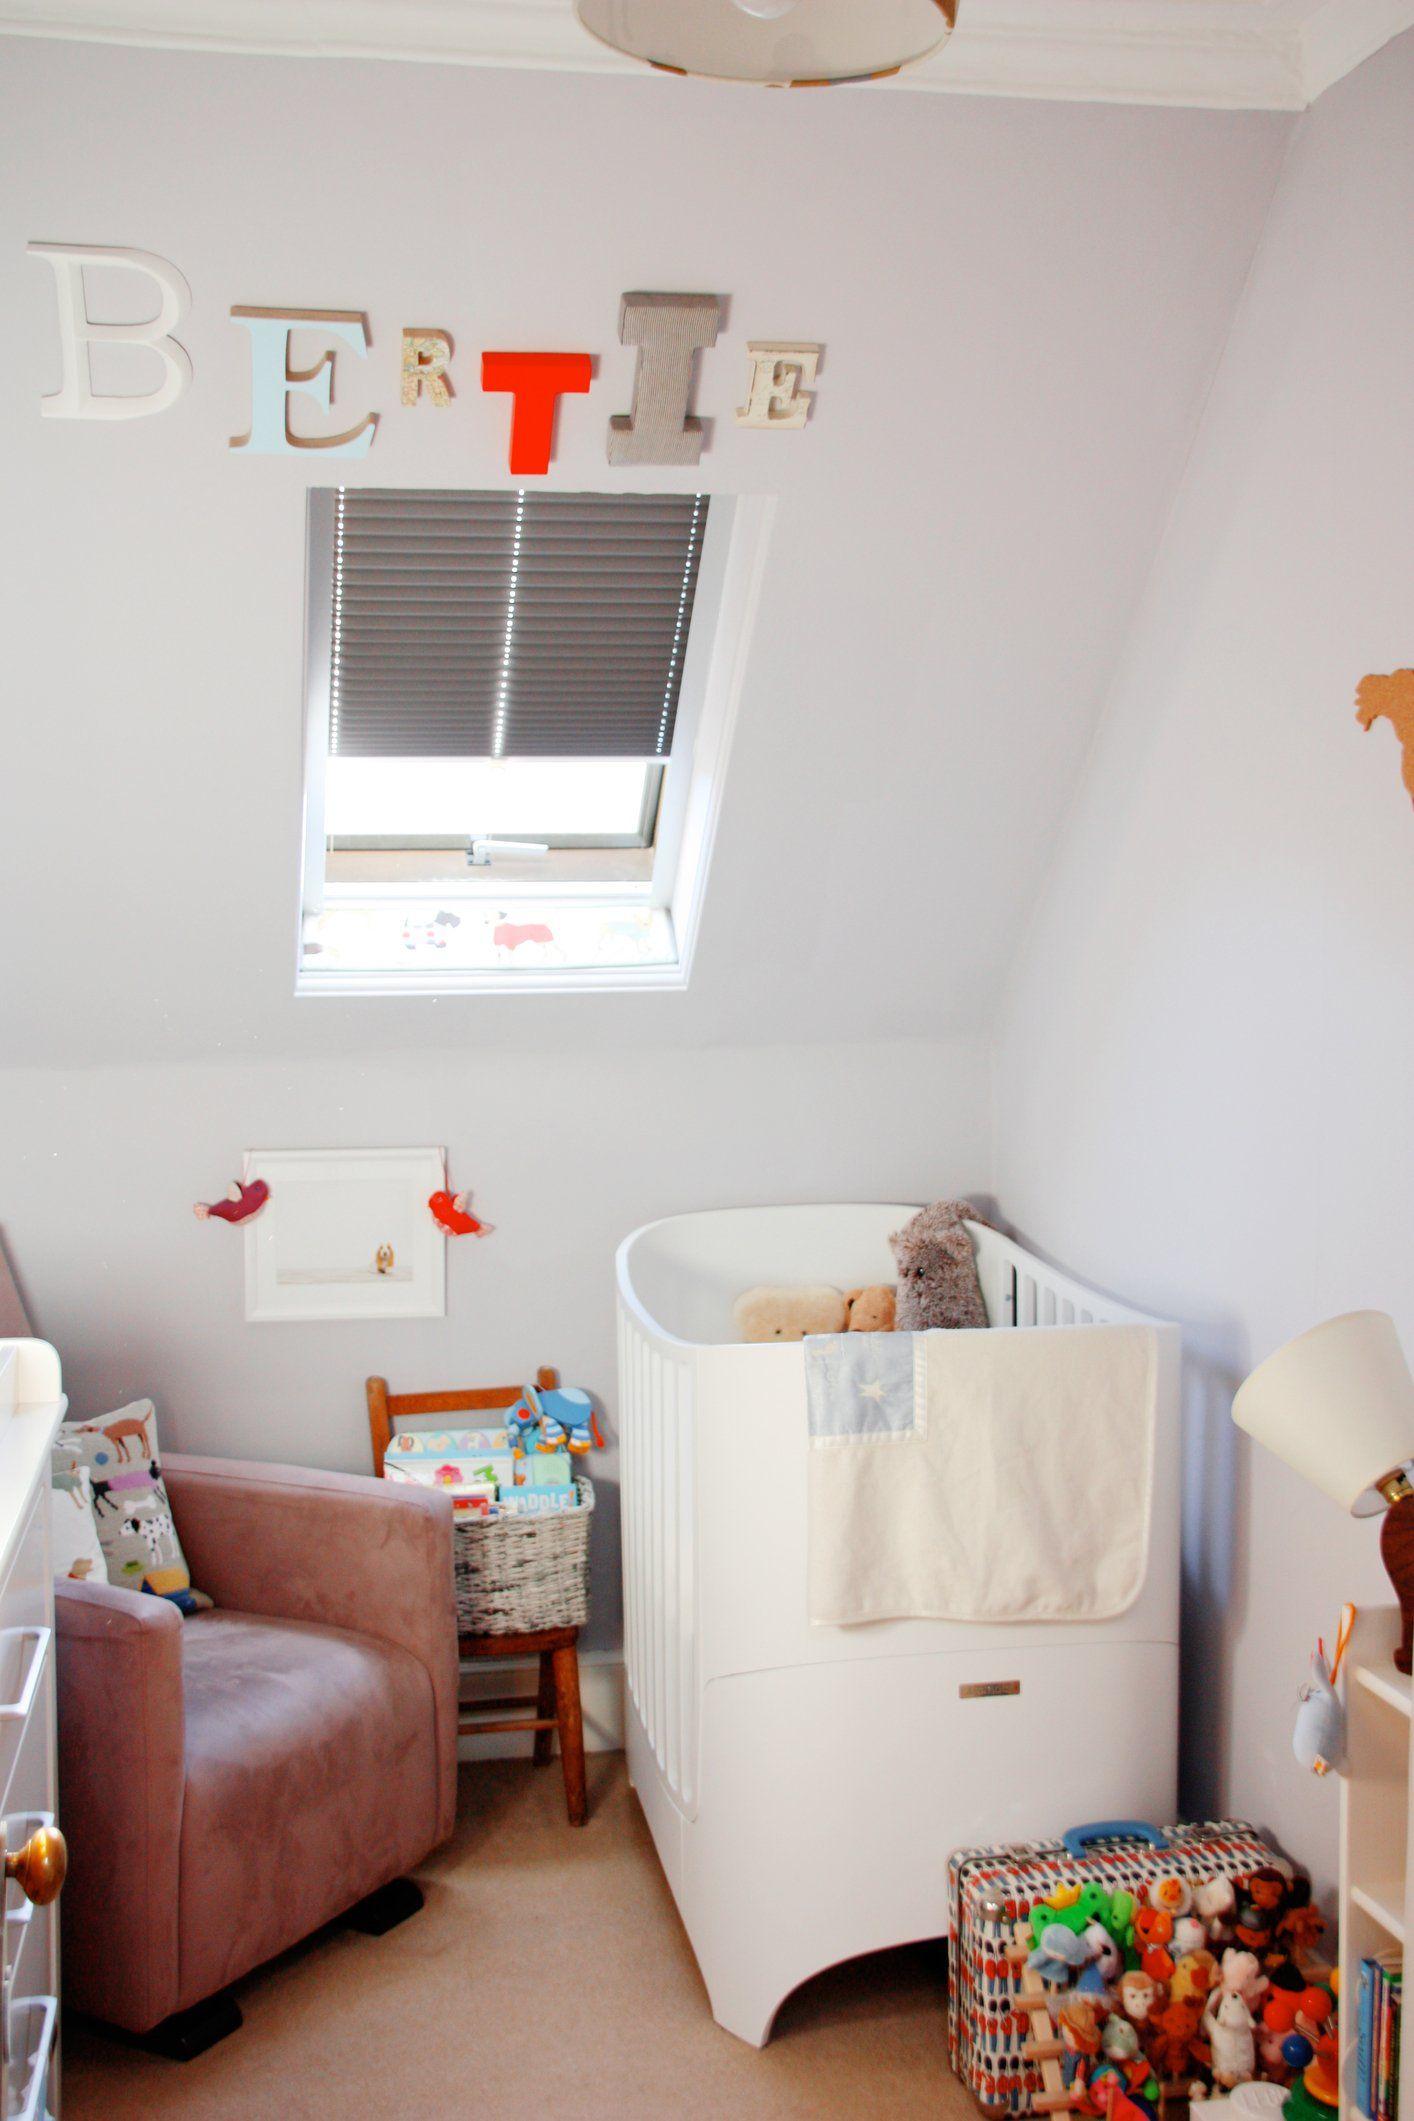 Bertie's Cozy Haven   My room, Room, Cozy room